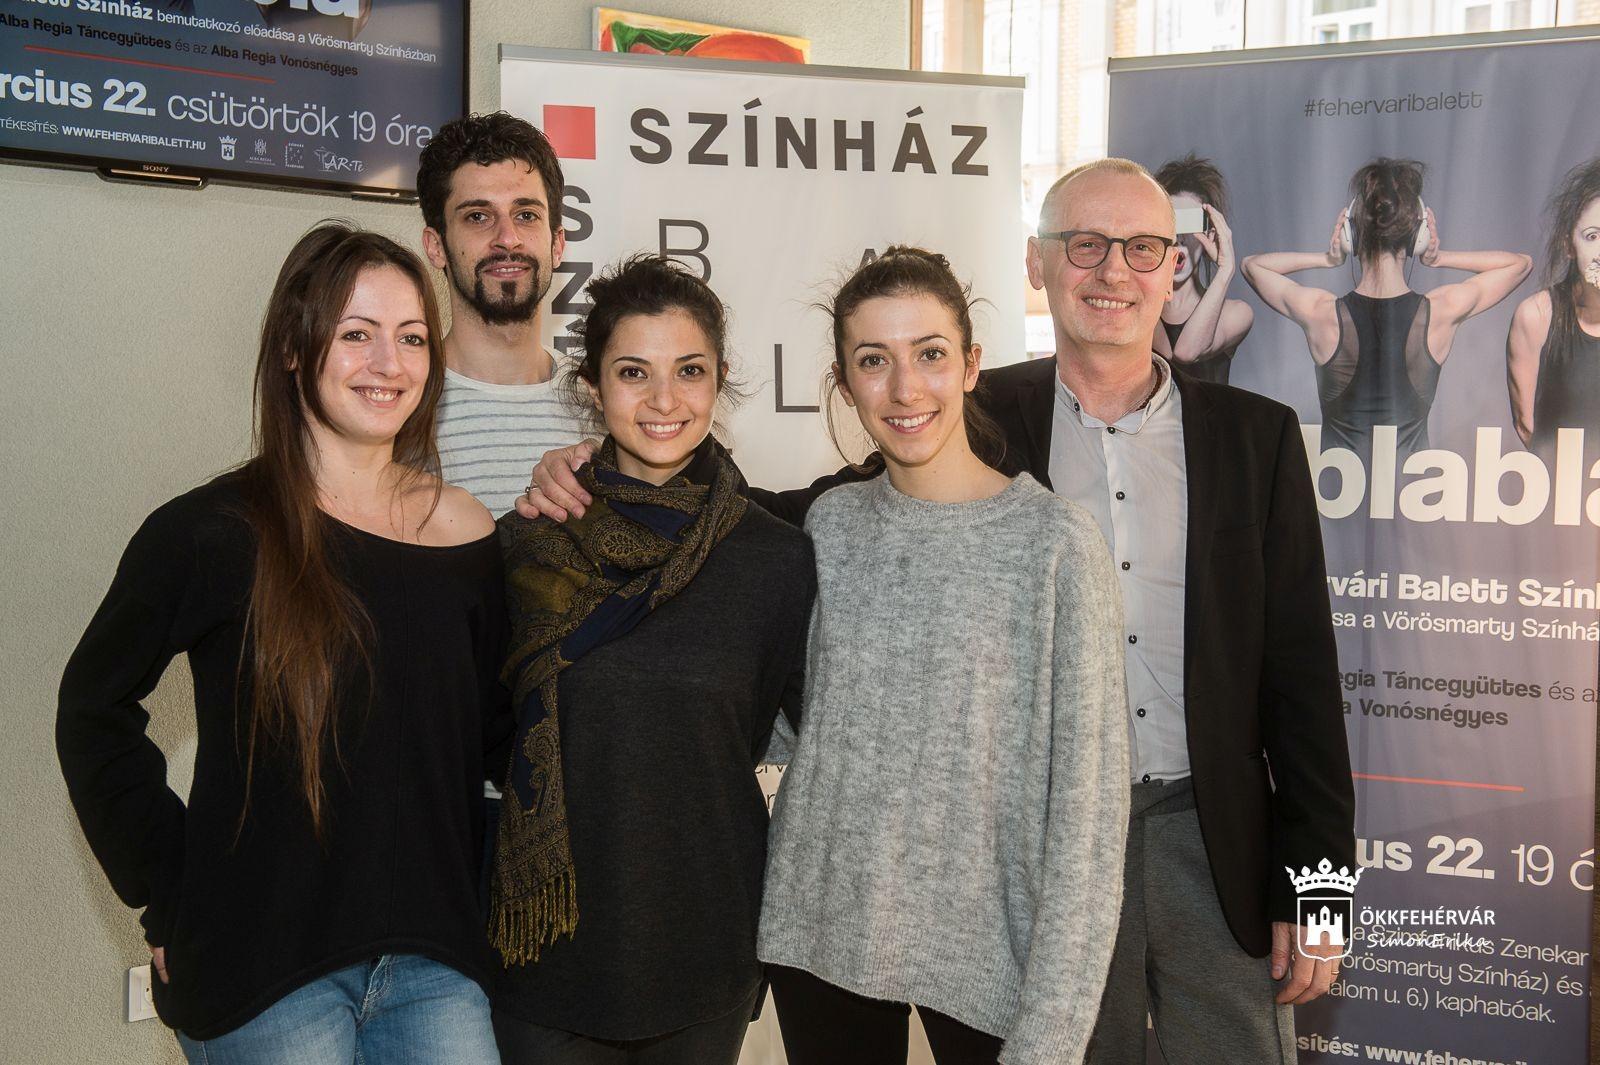 A fehérvári közönség előtt is bemutatkozik a Székesfehérvári Balett Színház